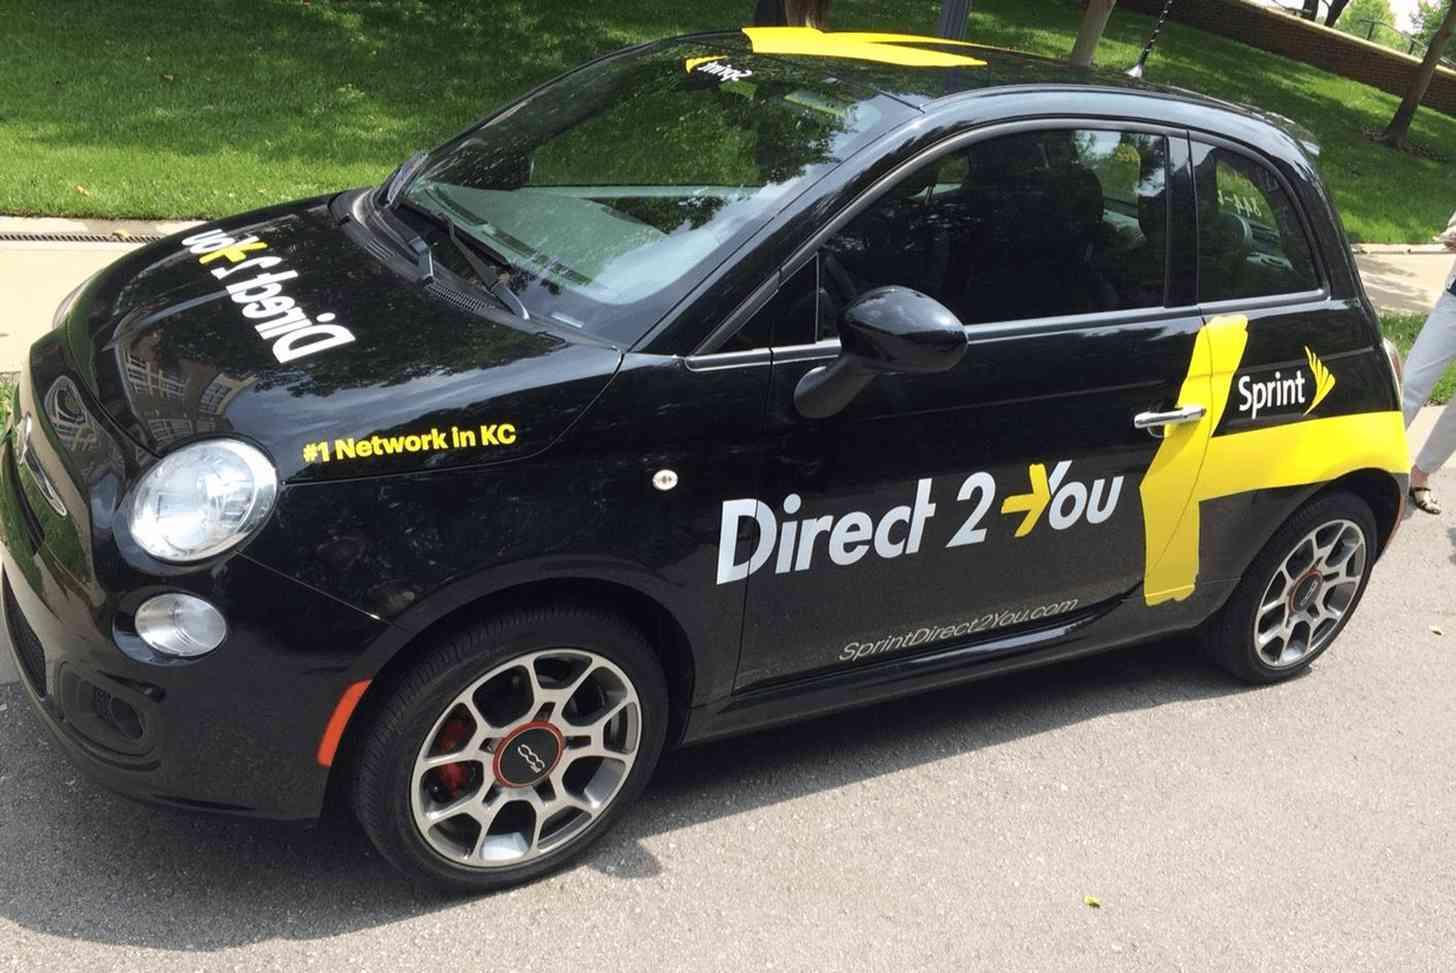 Sprint Direct 2 You car large